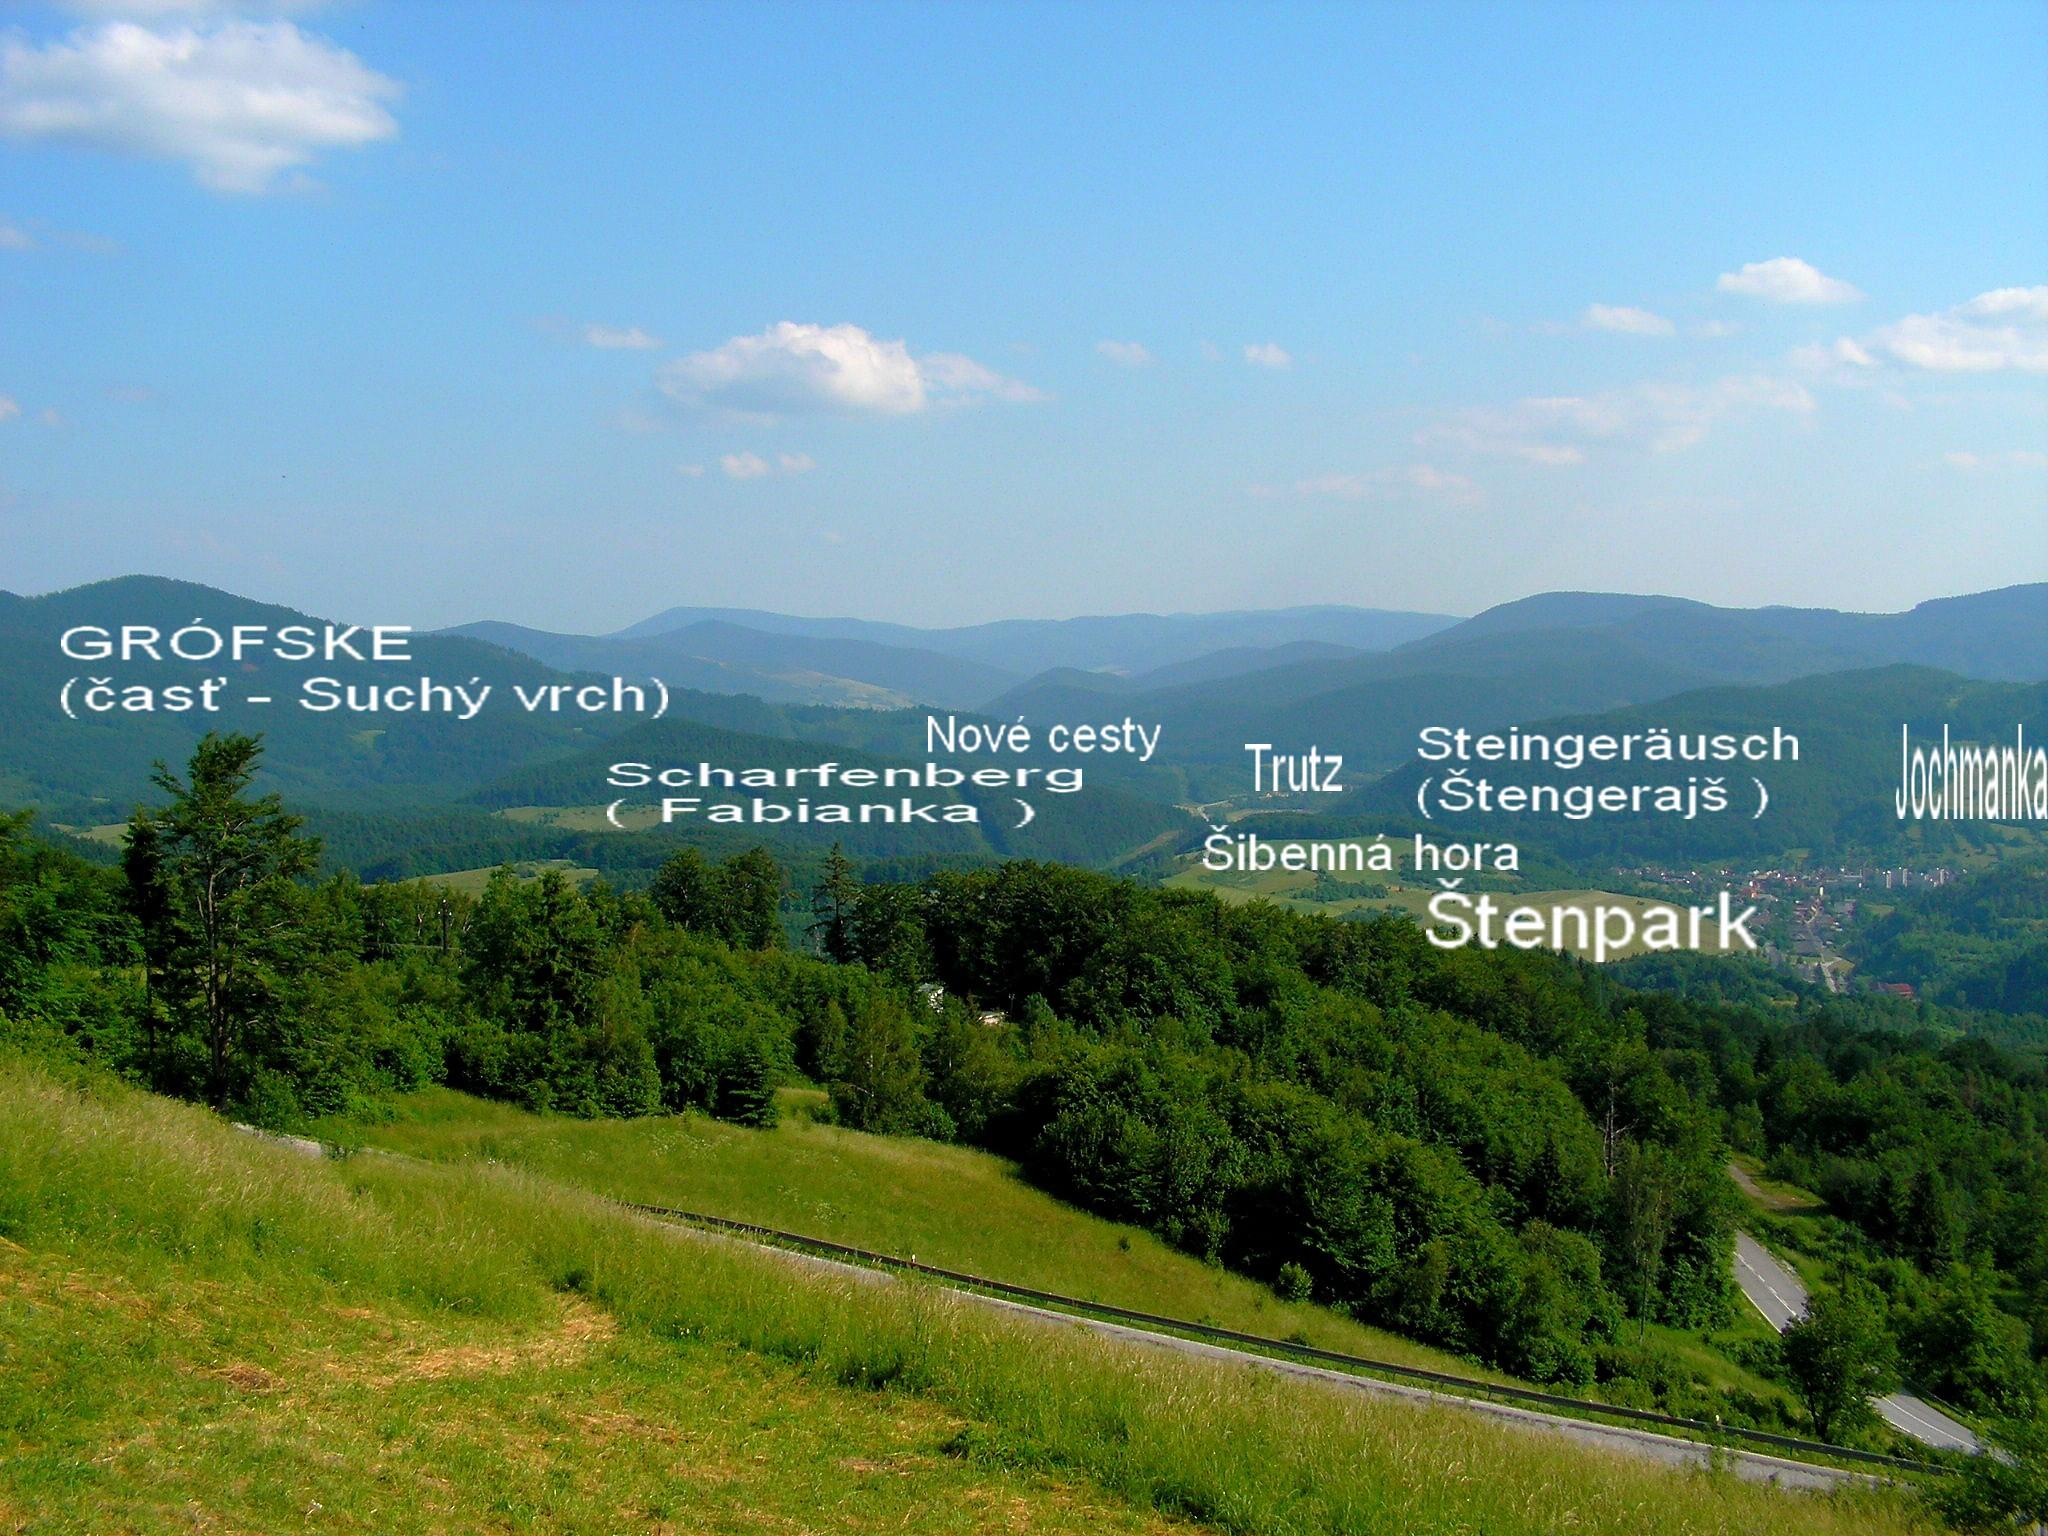 Popis vrchov  spodnej,východnej časti. V okolí Trutzu.